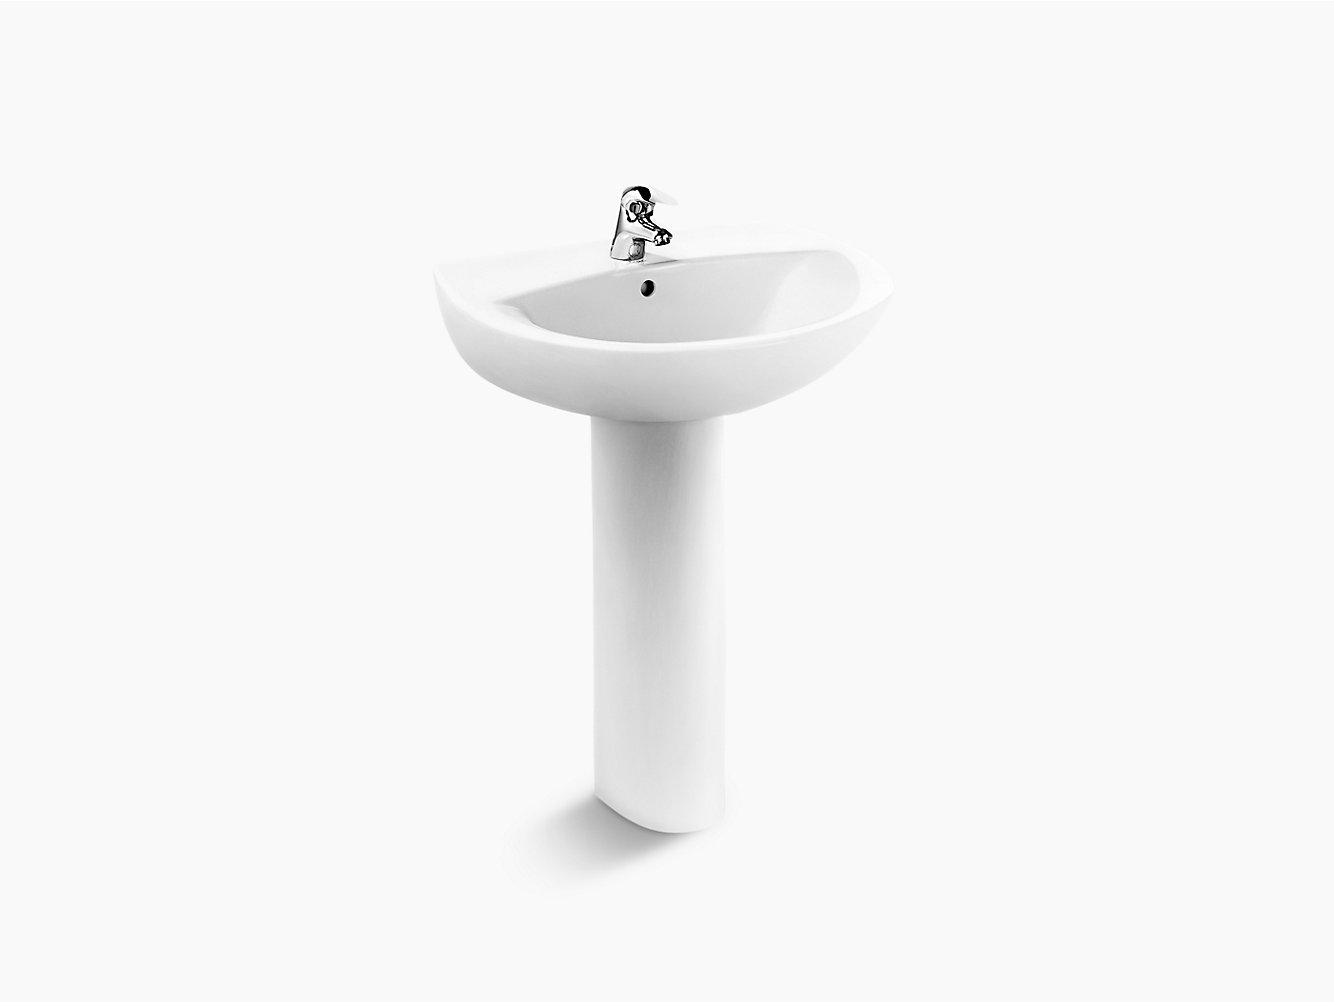 Pedestal Lavatory With Single Faucet Hole 2477t 1 Kohler